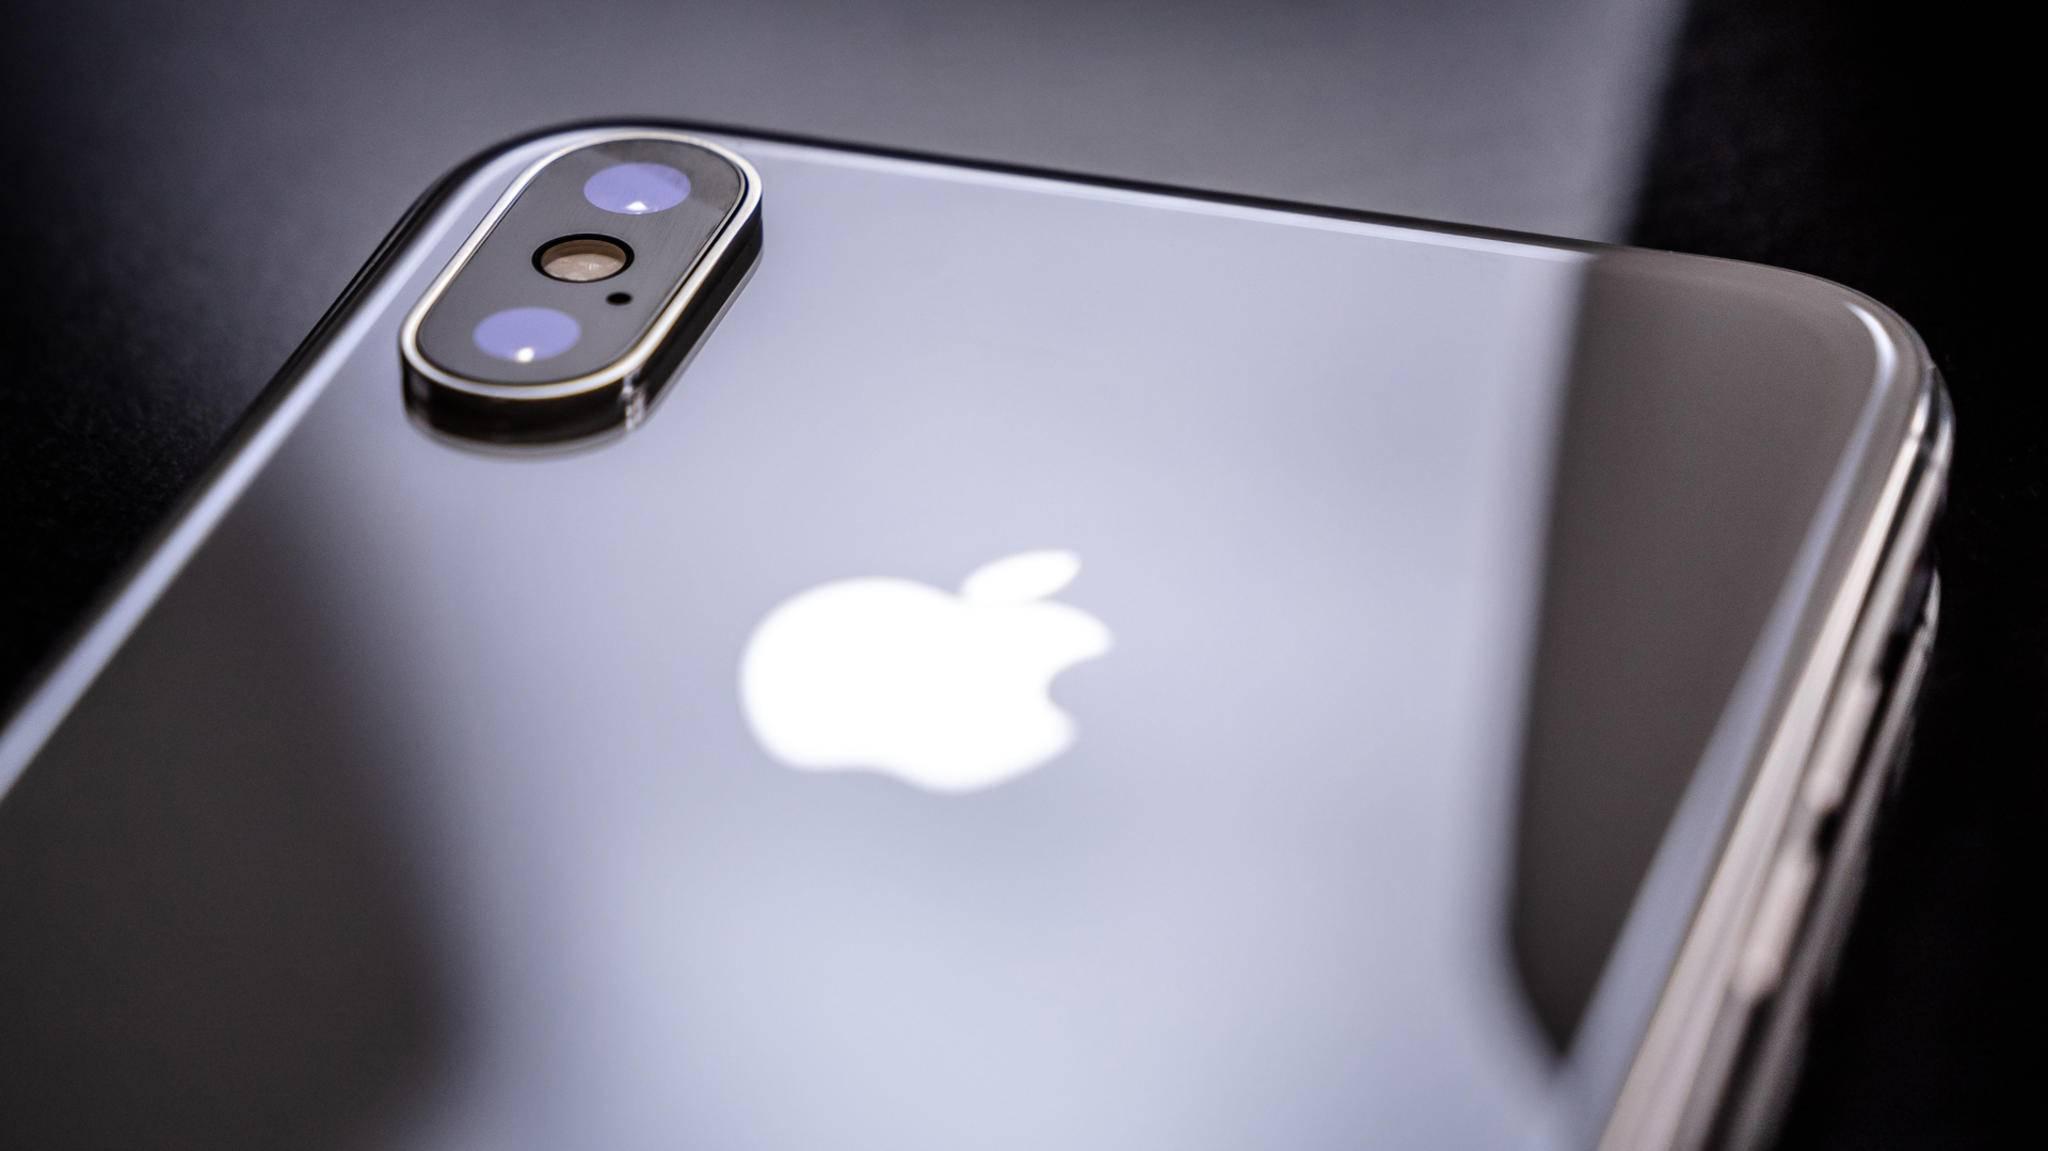 Viele iPhone-XS-Besitzer sind davon genervt, dass sich die Taschenlampe ständig einschaltet.